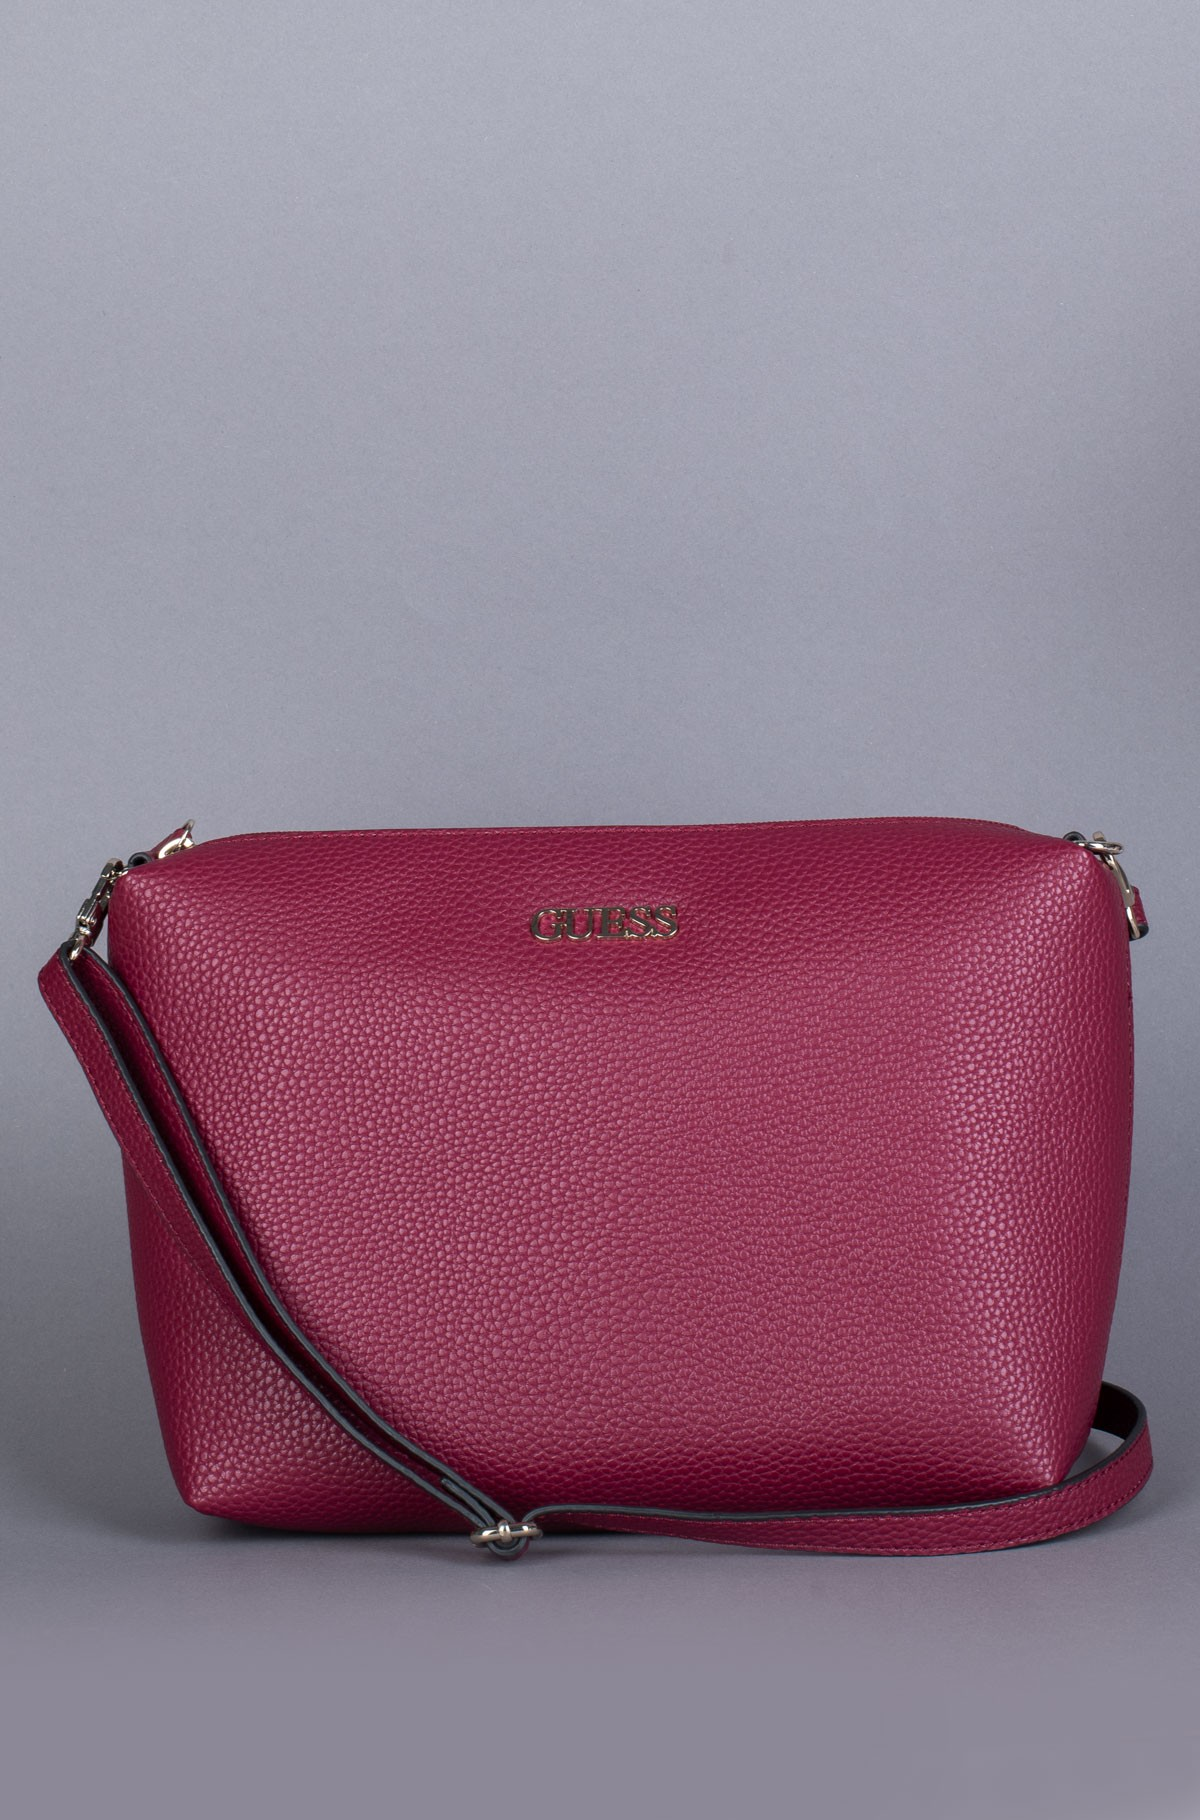 Handbag HWVG74 55230-full-2